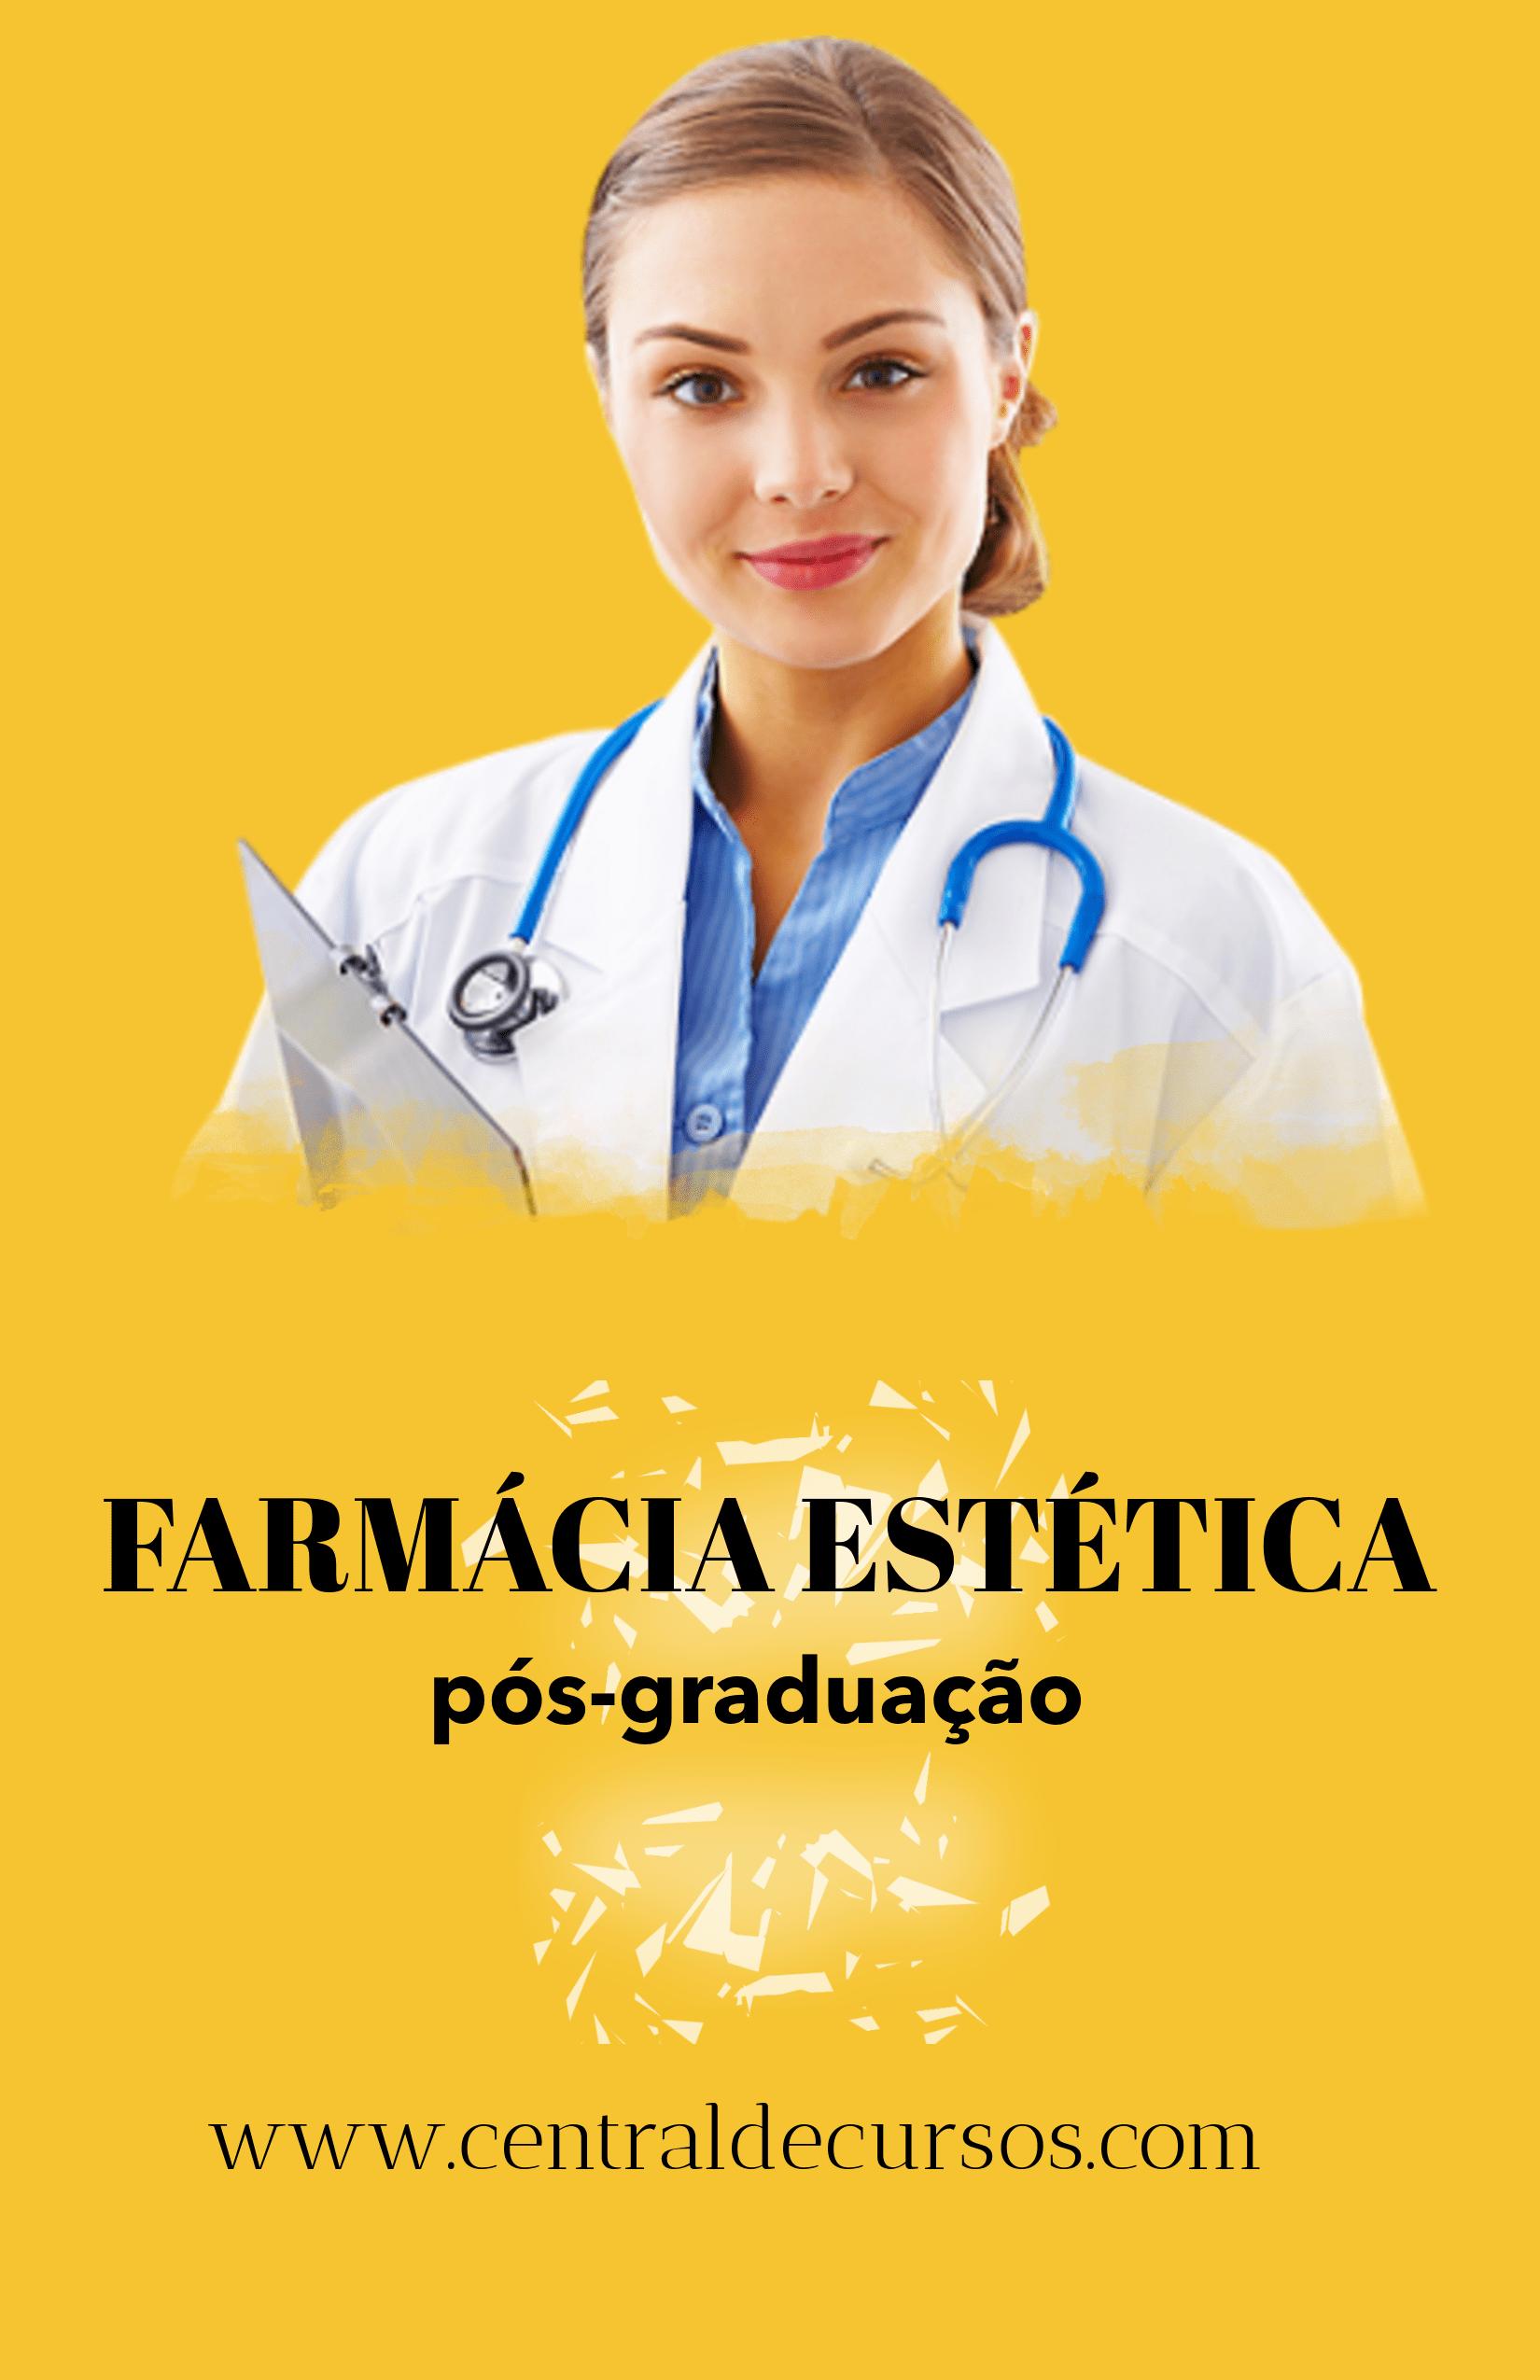 Pós-graduação em farmácia estética